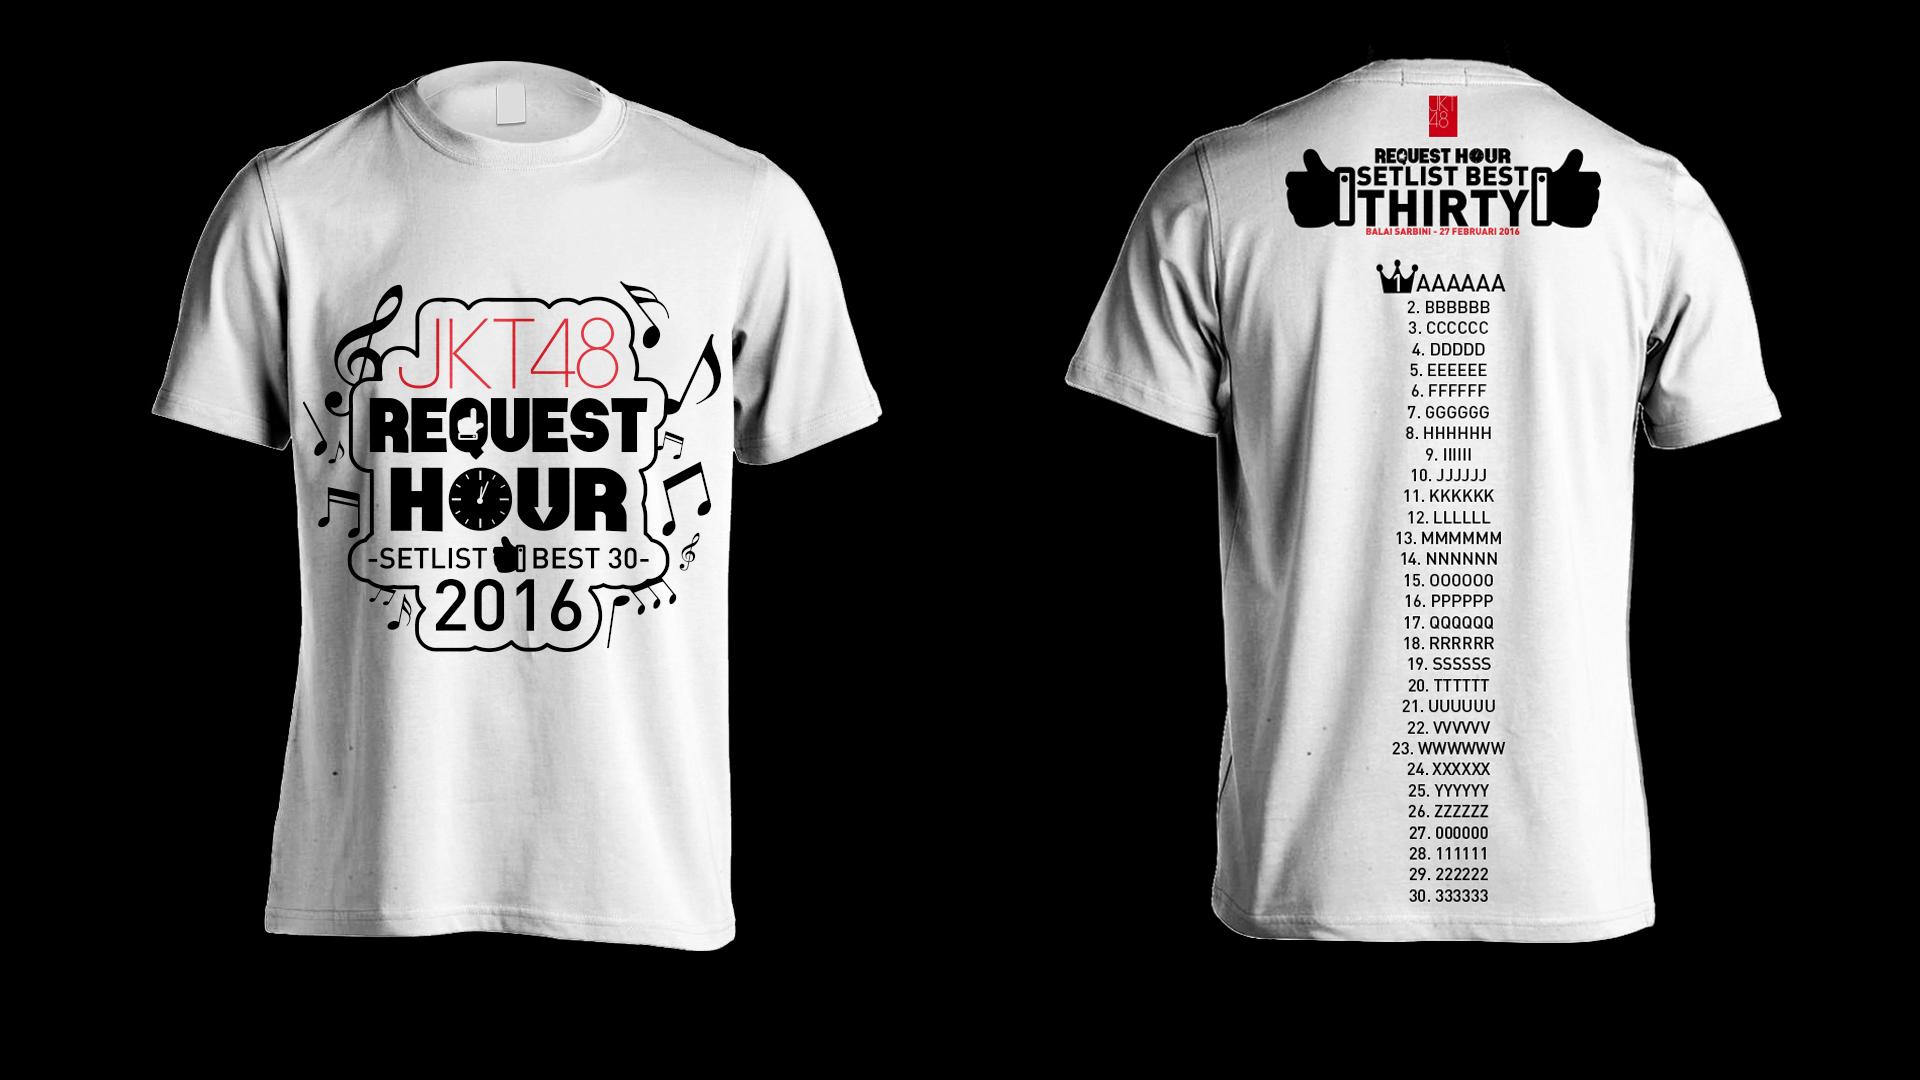 Desain t shirt jkt48 -  Judul Lagu Yang Ditampilkan Hanya Sebagai Contoh Desain Dapat Berubah Sewaktu Waktu